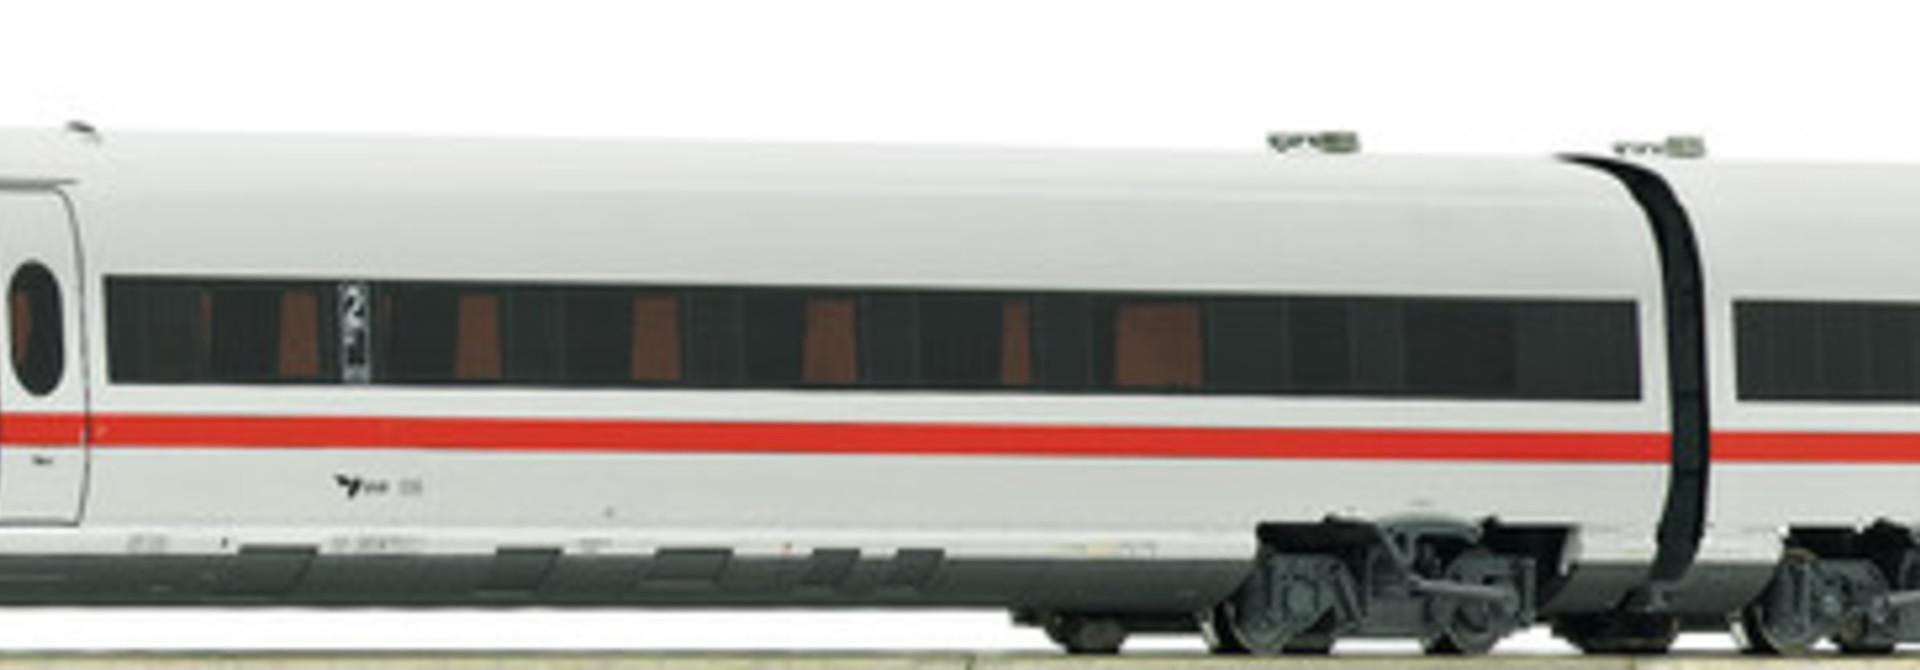 72105 Dieseltriebzug BR 605 DSB